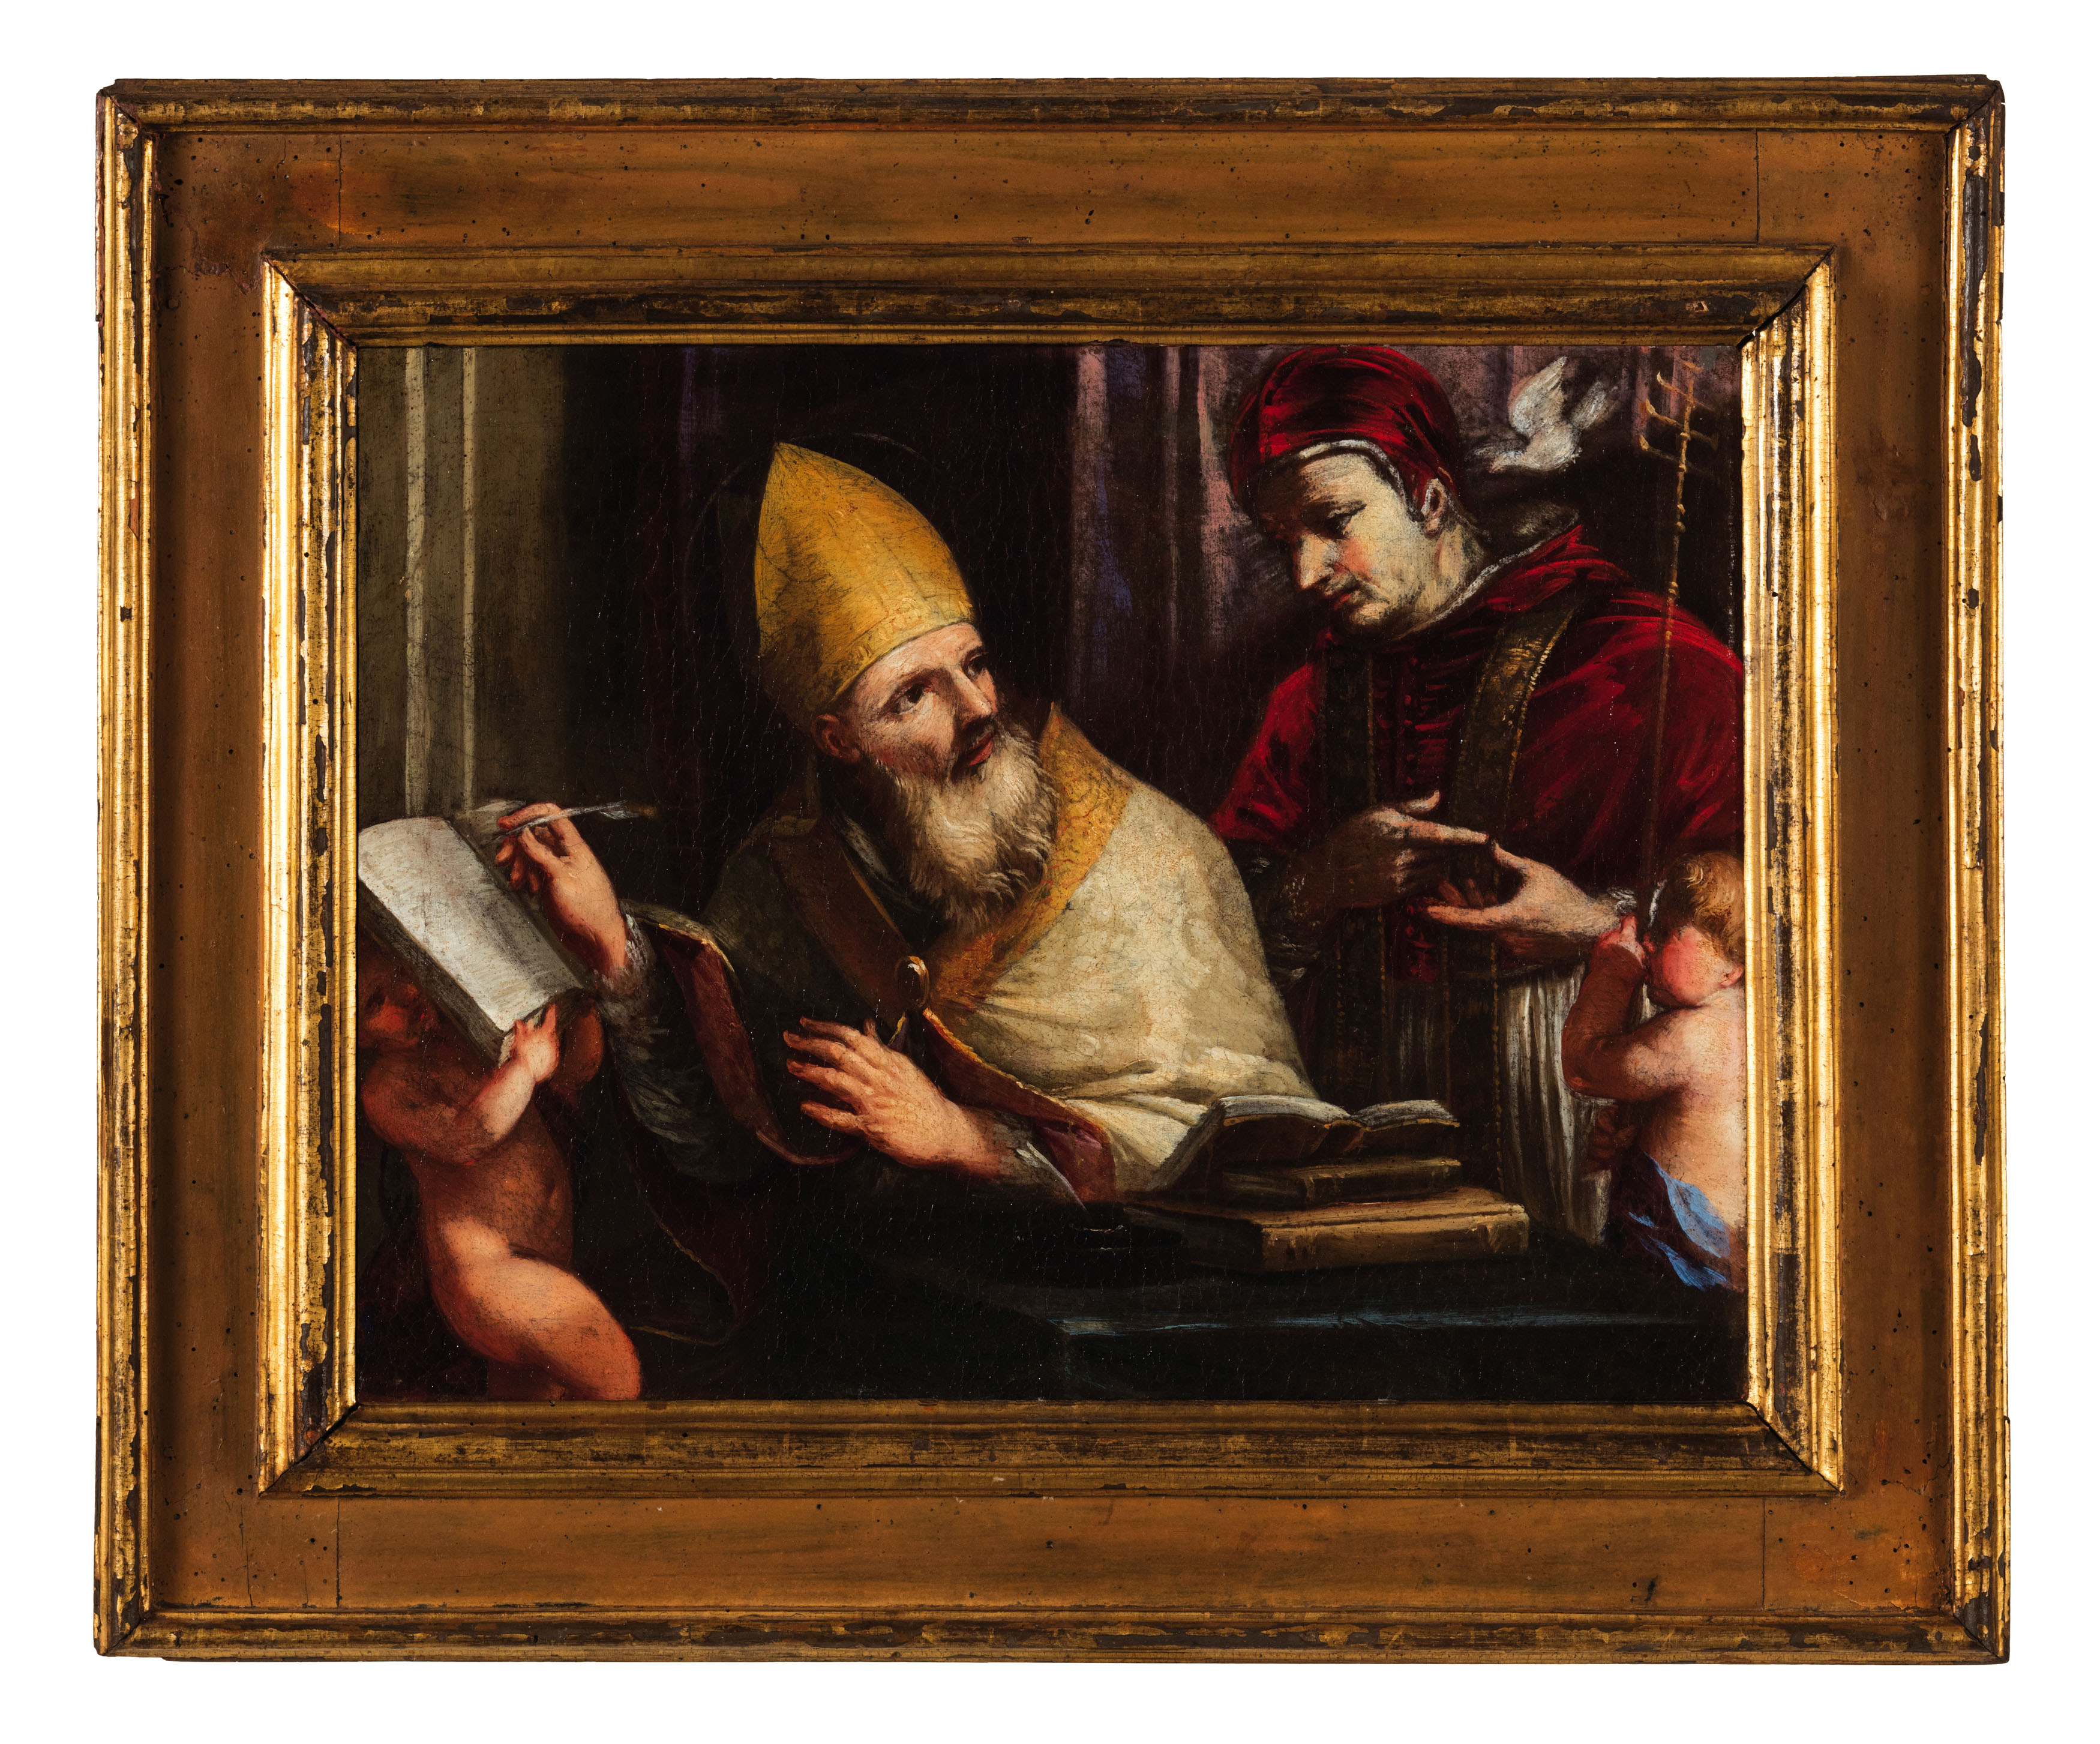 Salvi castellucci wannenes art auctions casa d 39 aste a for Castellucci arredamenti roma